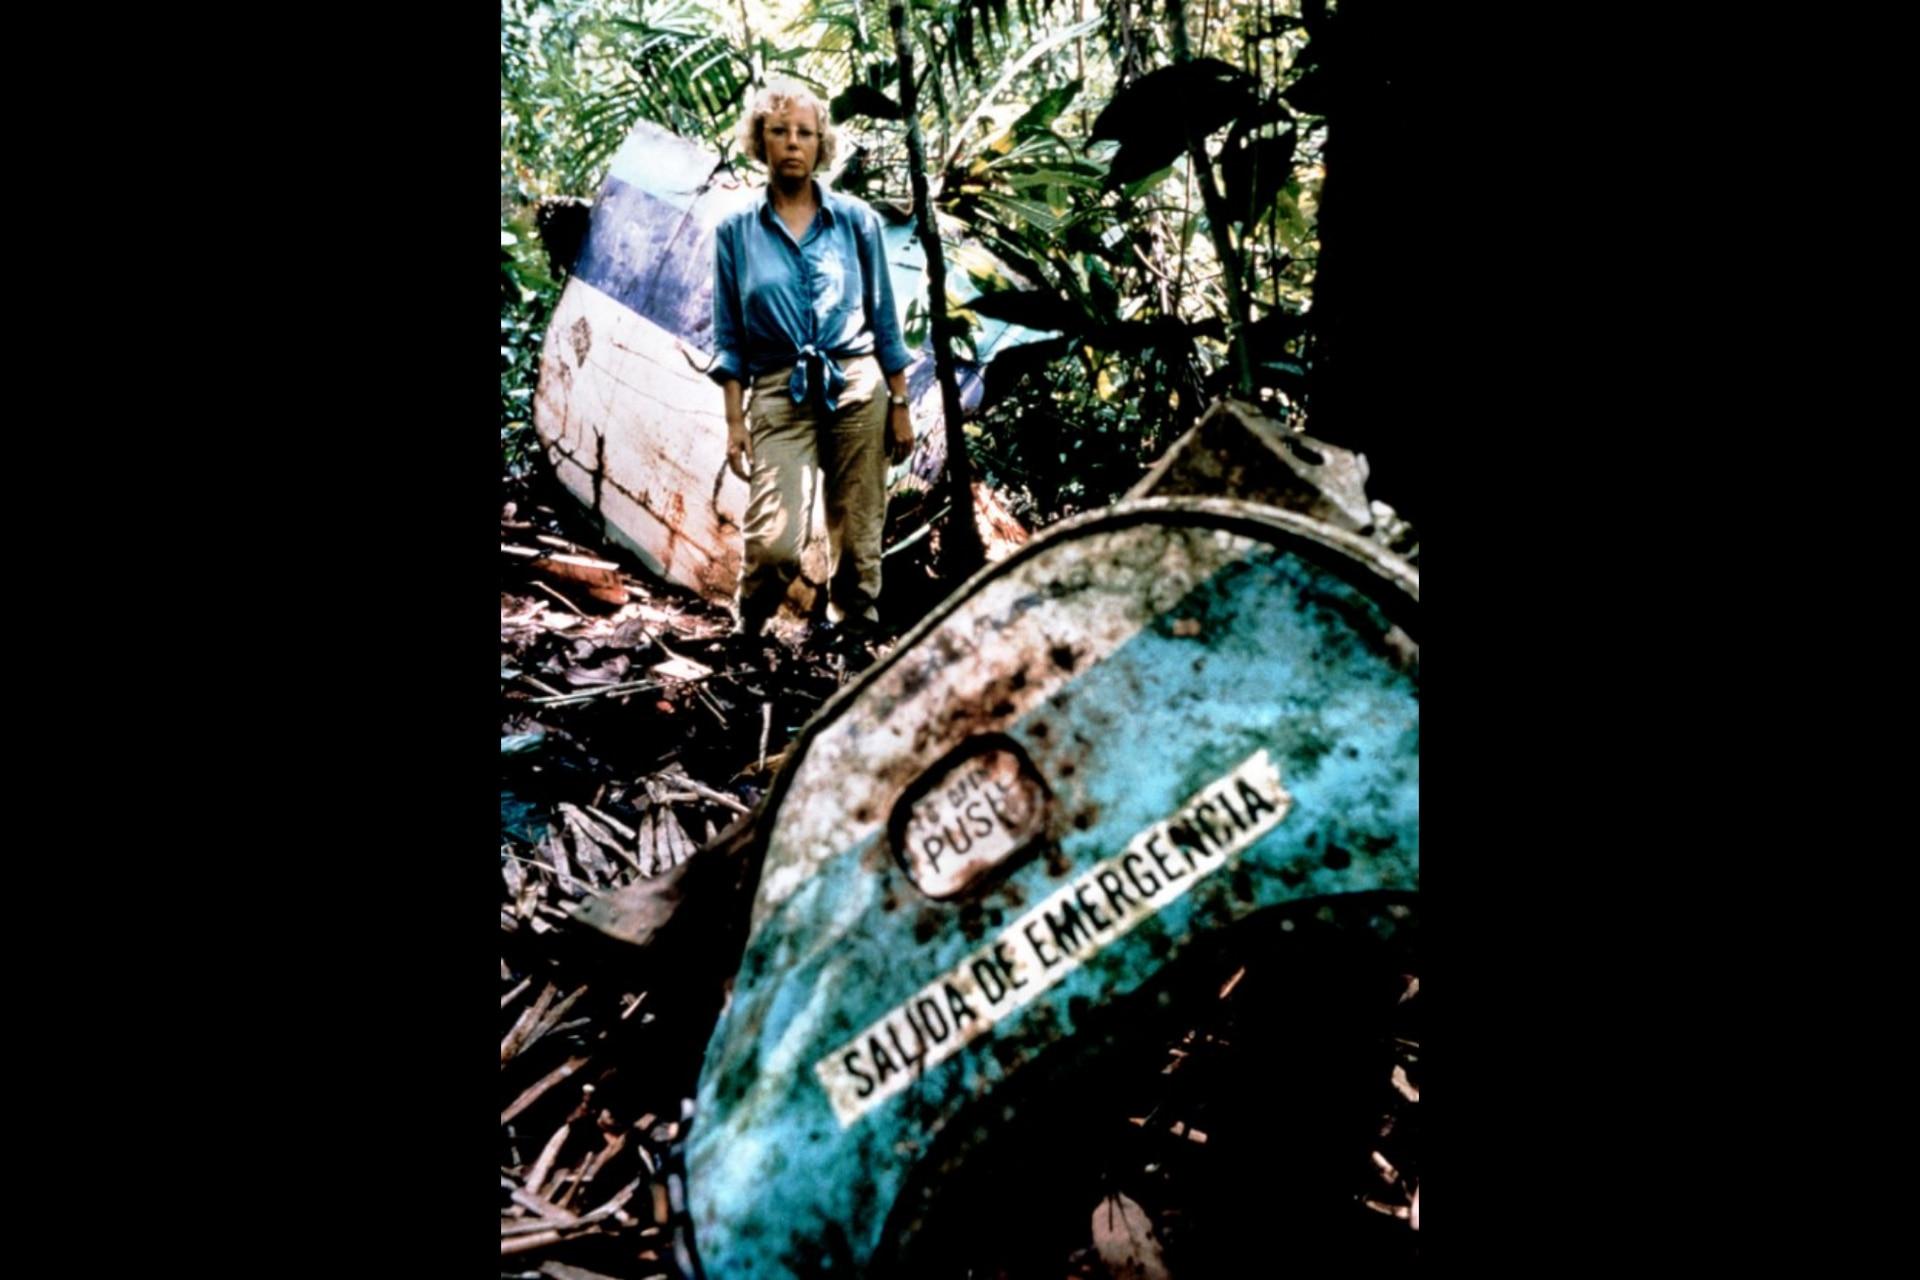 Juliane volvió al lugar del accidente en 1998